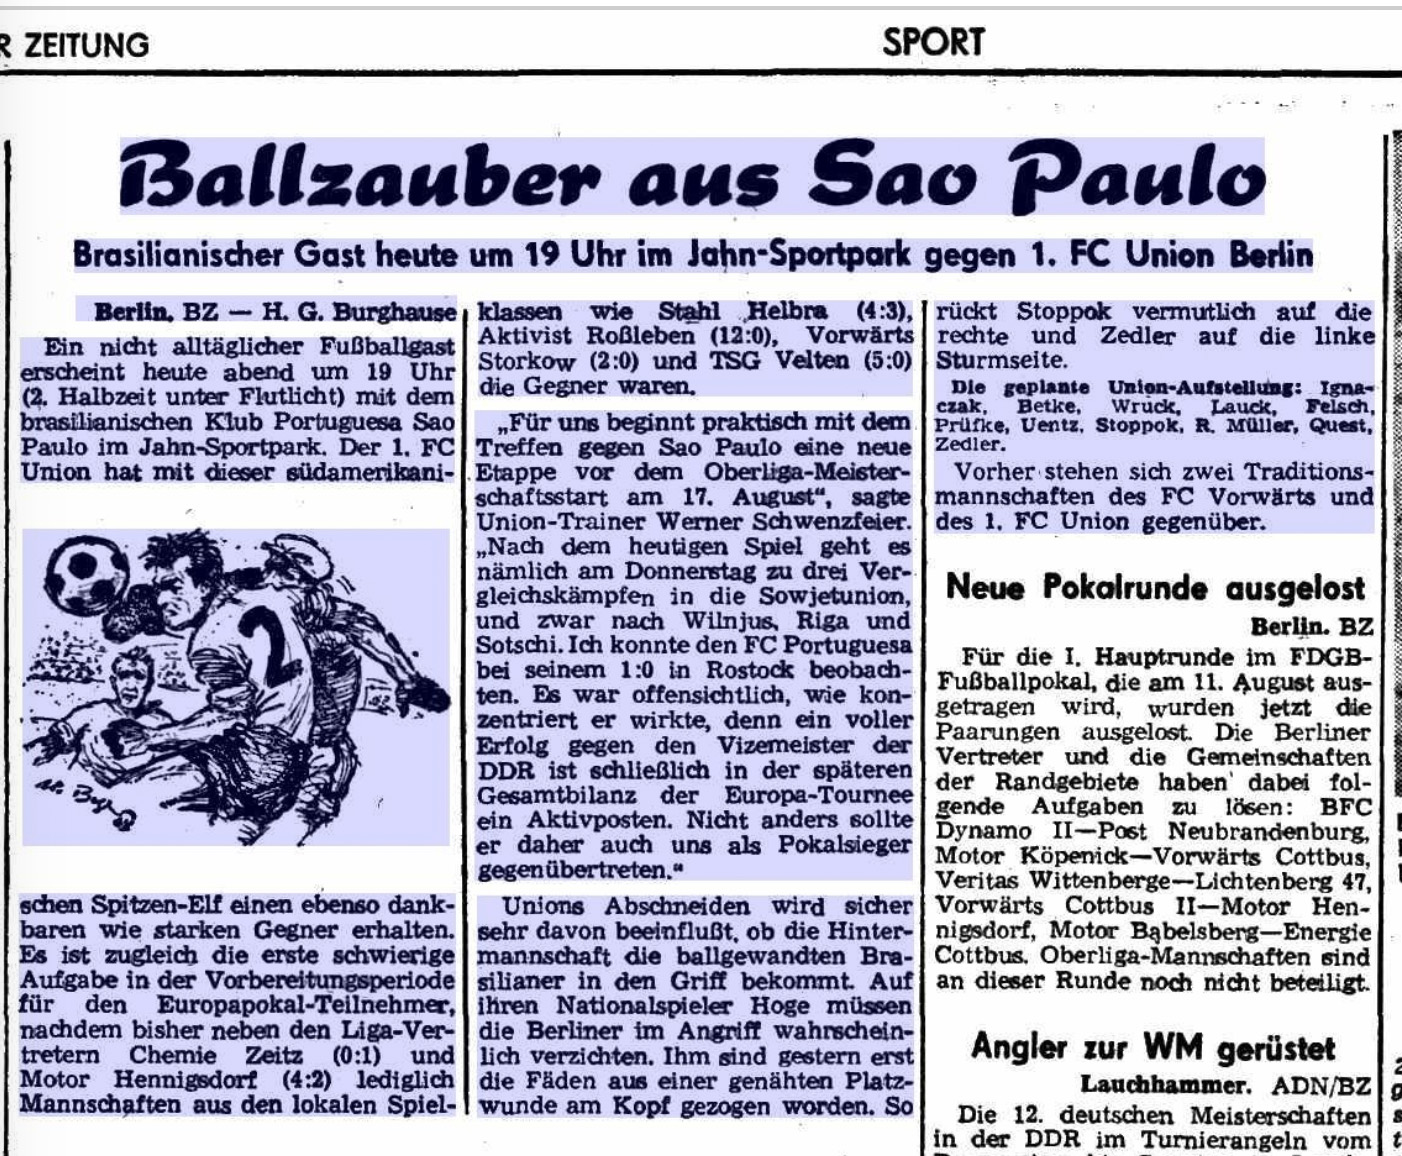 Der Vorbericht der Berliner Zeitung zum Spiel gegen Sao Paulo vom 16.7.1968, Bild: Berliner Zeitung